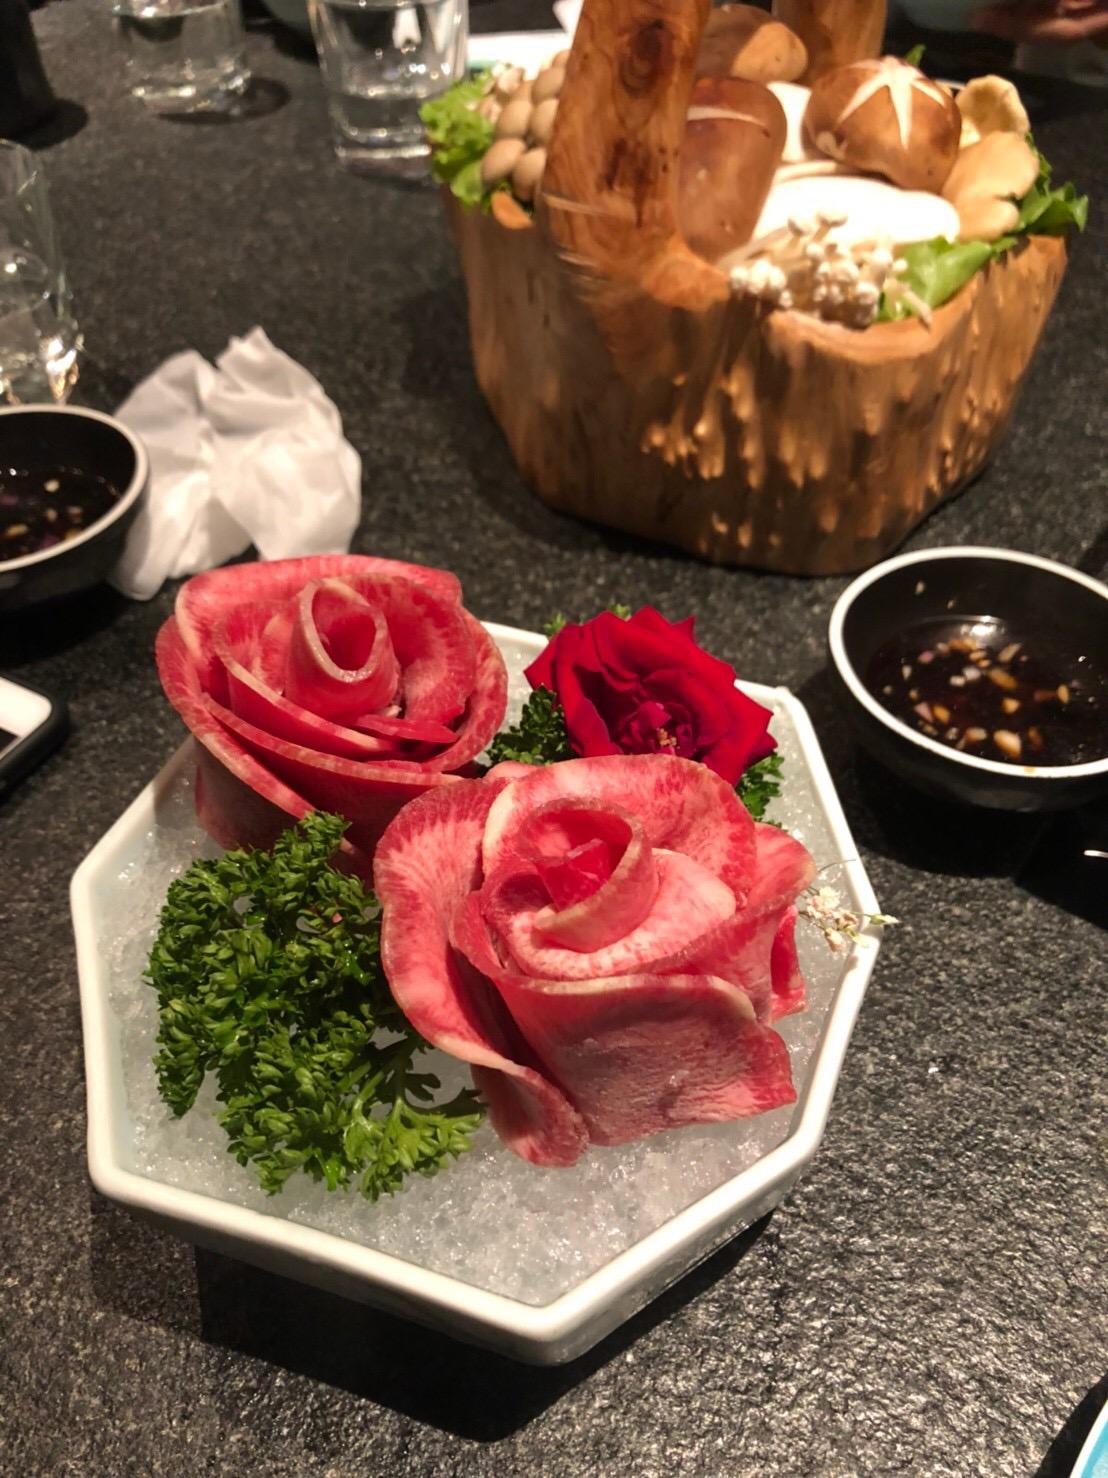 《美食》王鍋物料理台灣一號店, 胡椒豬肚雞湯,ATT 4 FUN